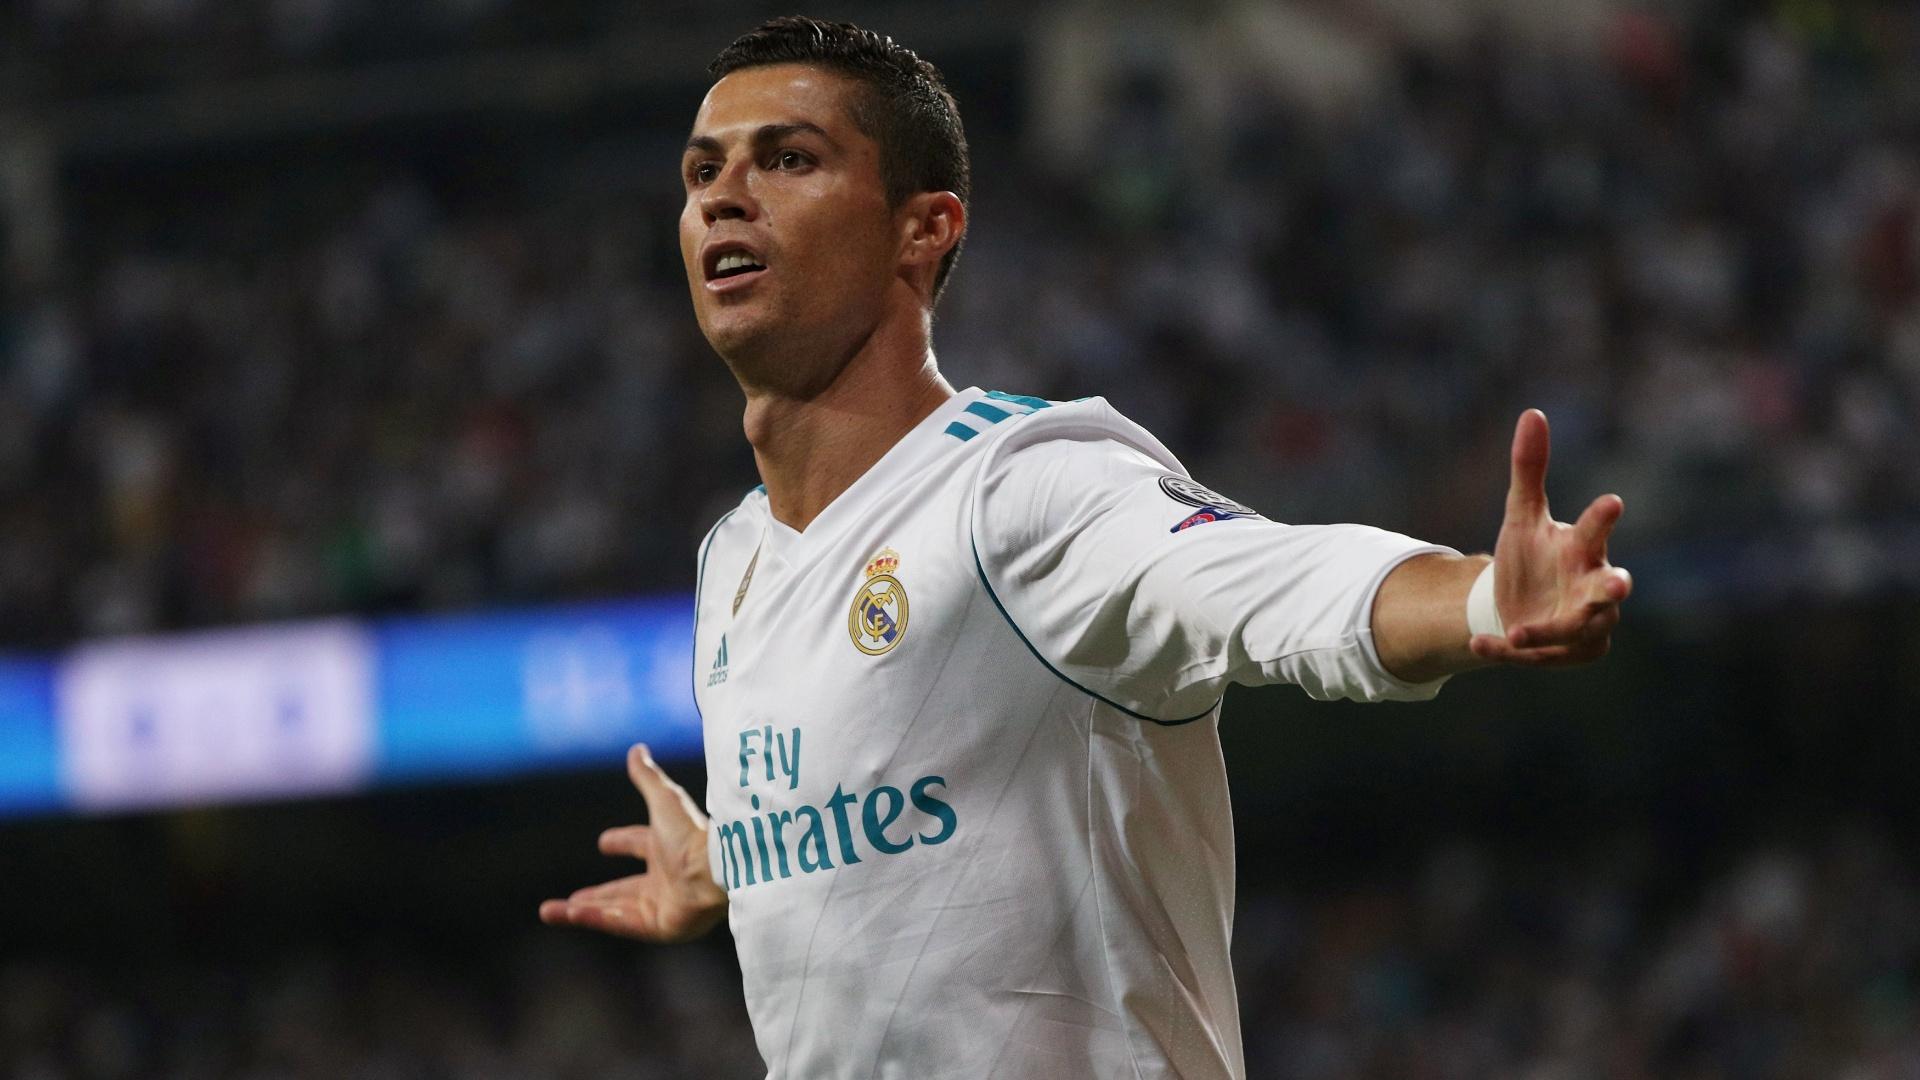 Cristiano Ronaldo comemora o seu gol pelo Real contra o APOEL na Liga dos Campeões